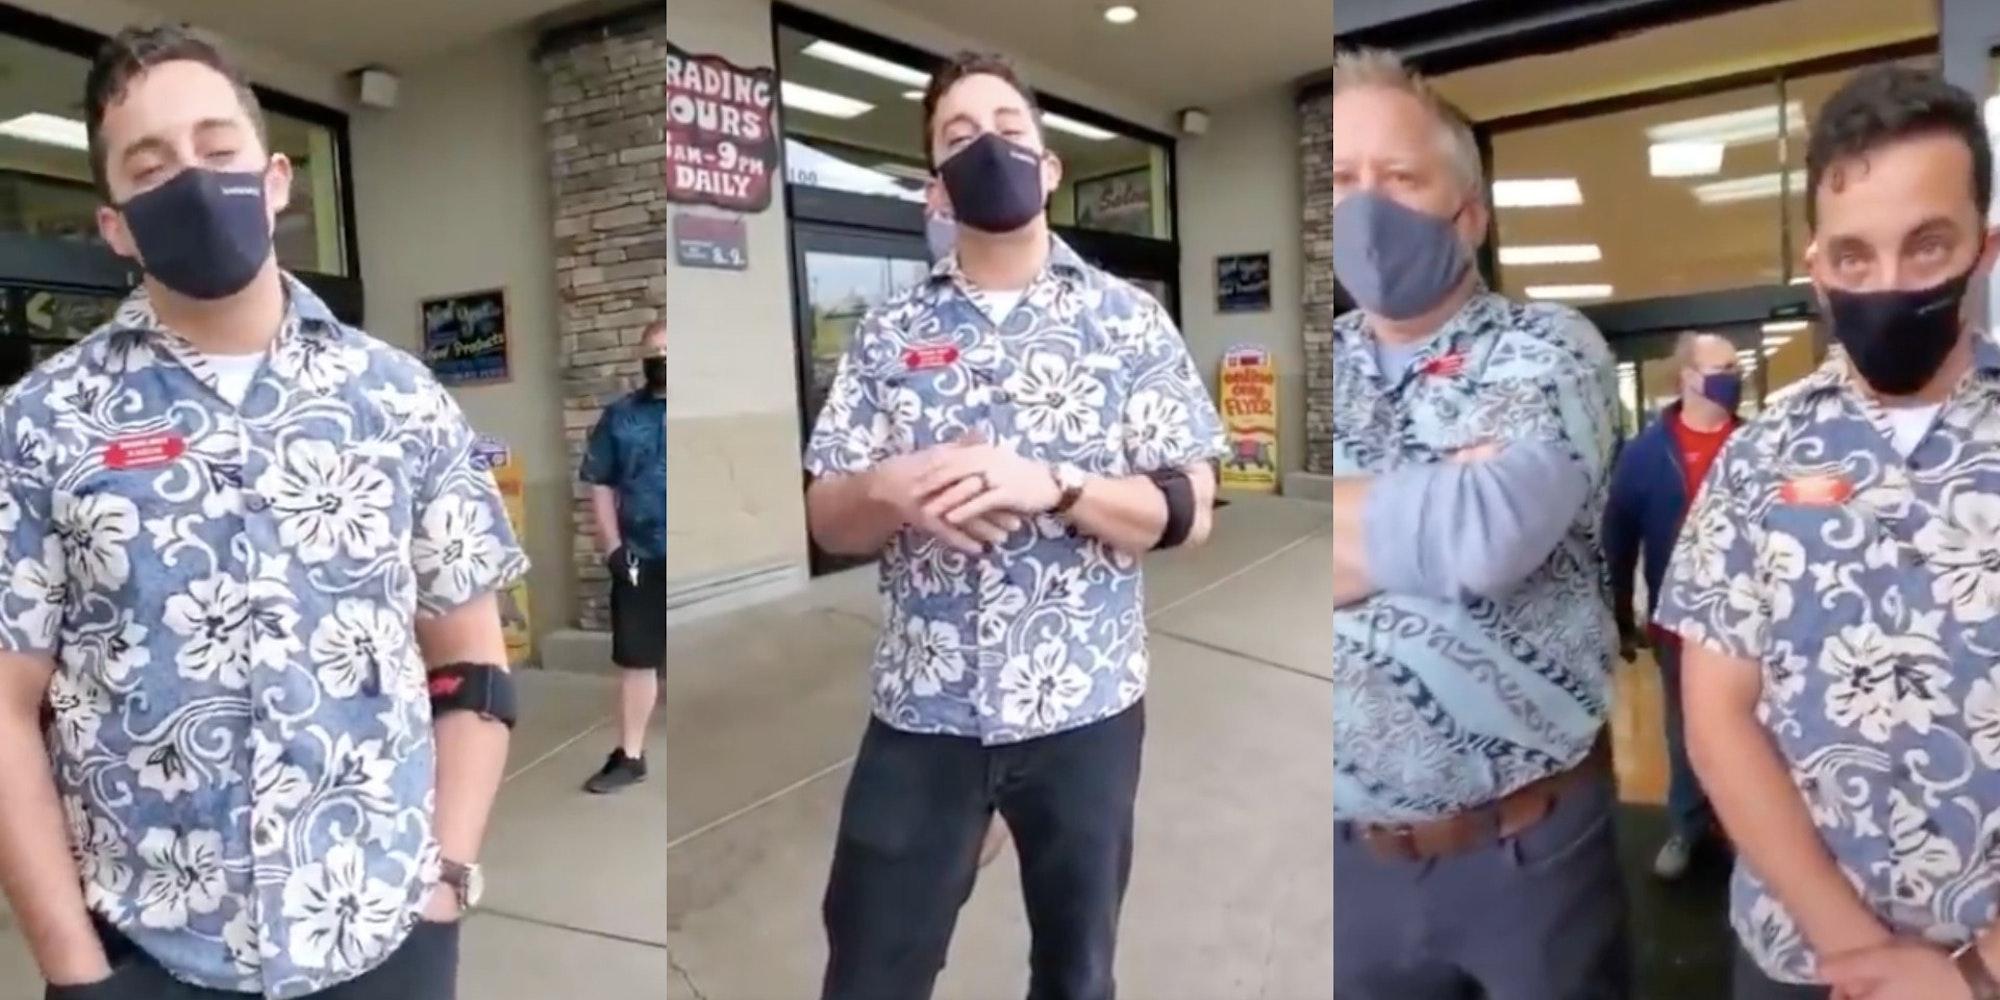 Trader Joe's manager shuts down anti-mask Karens